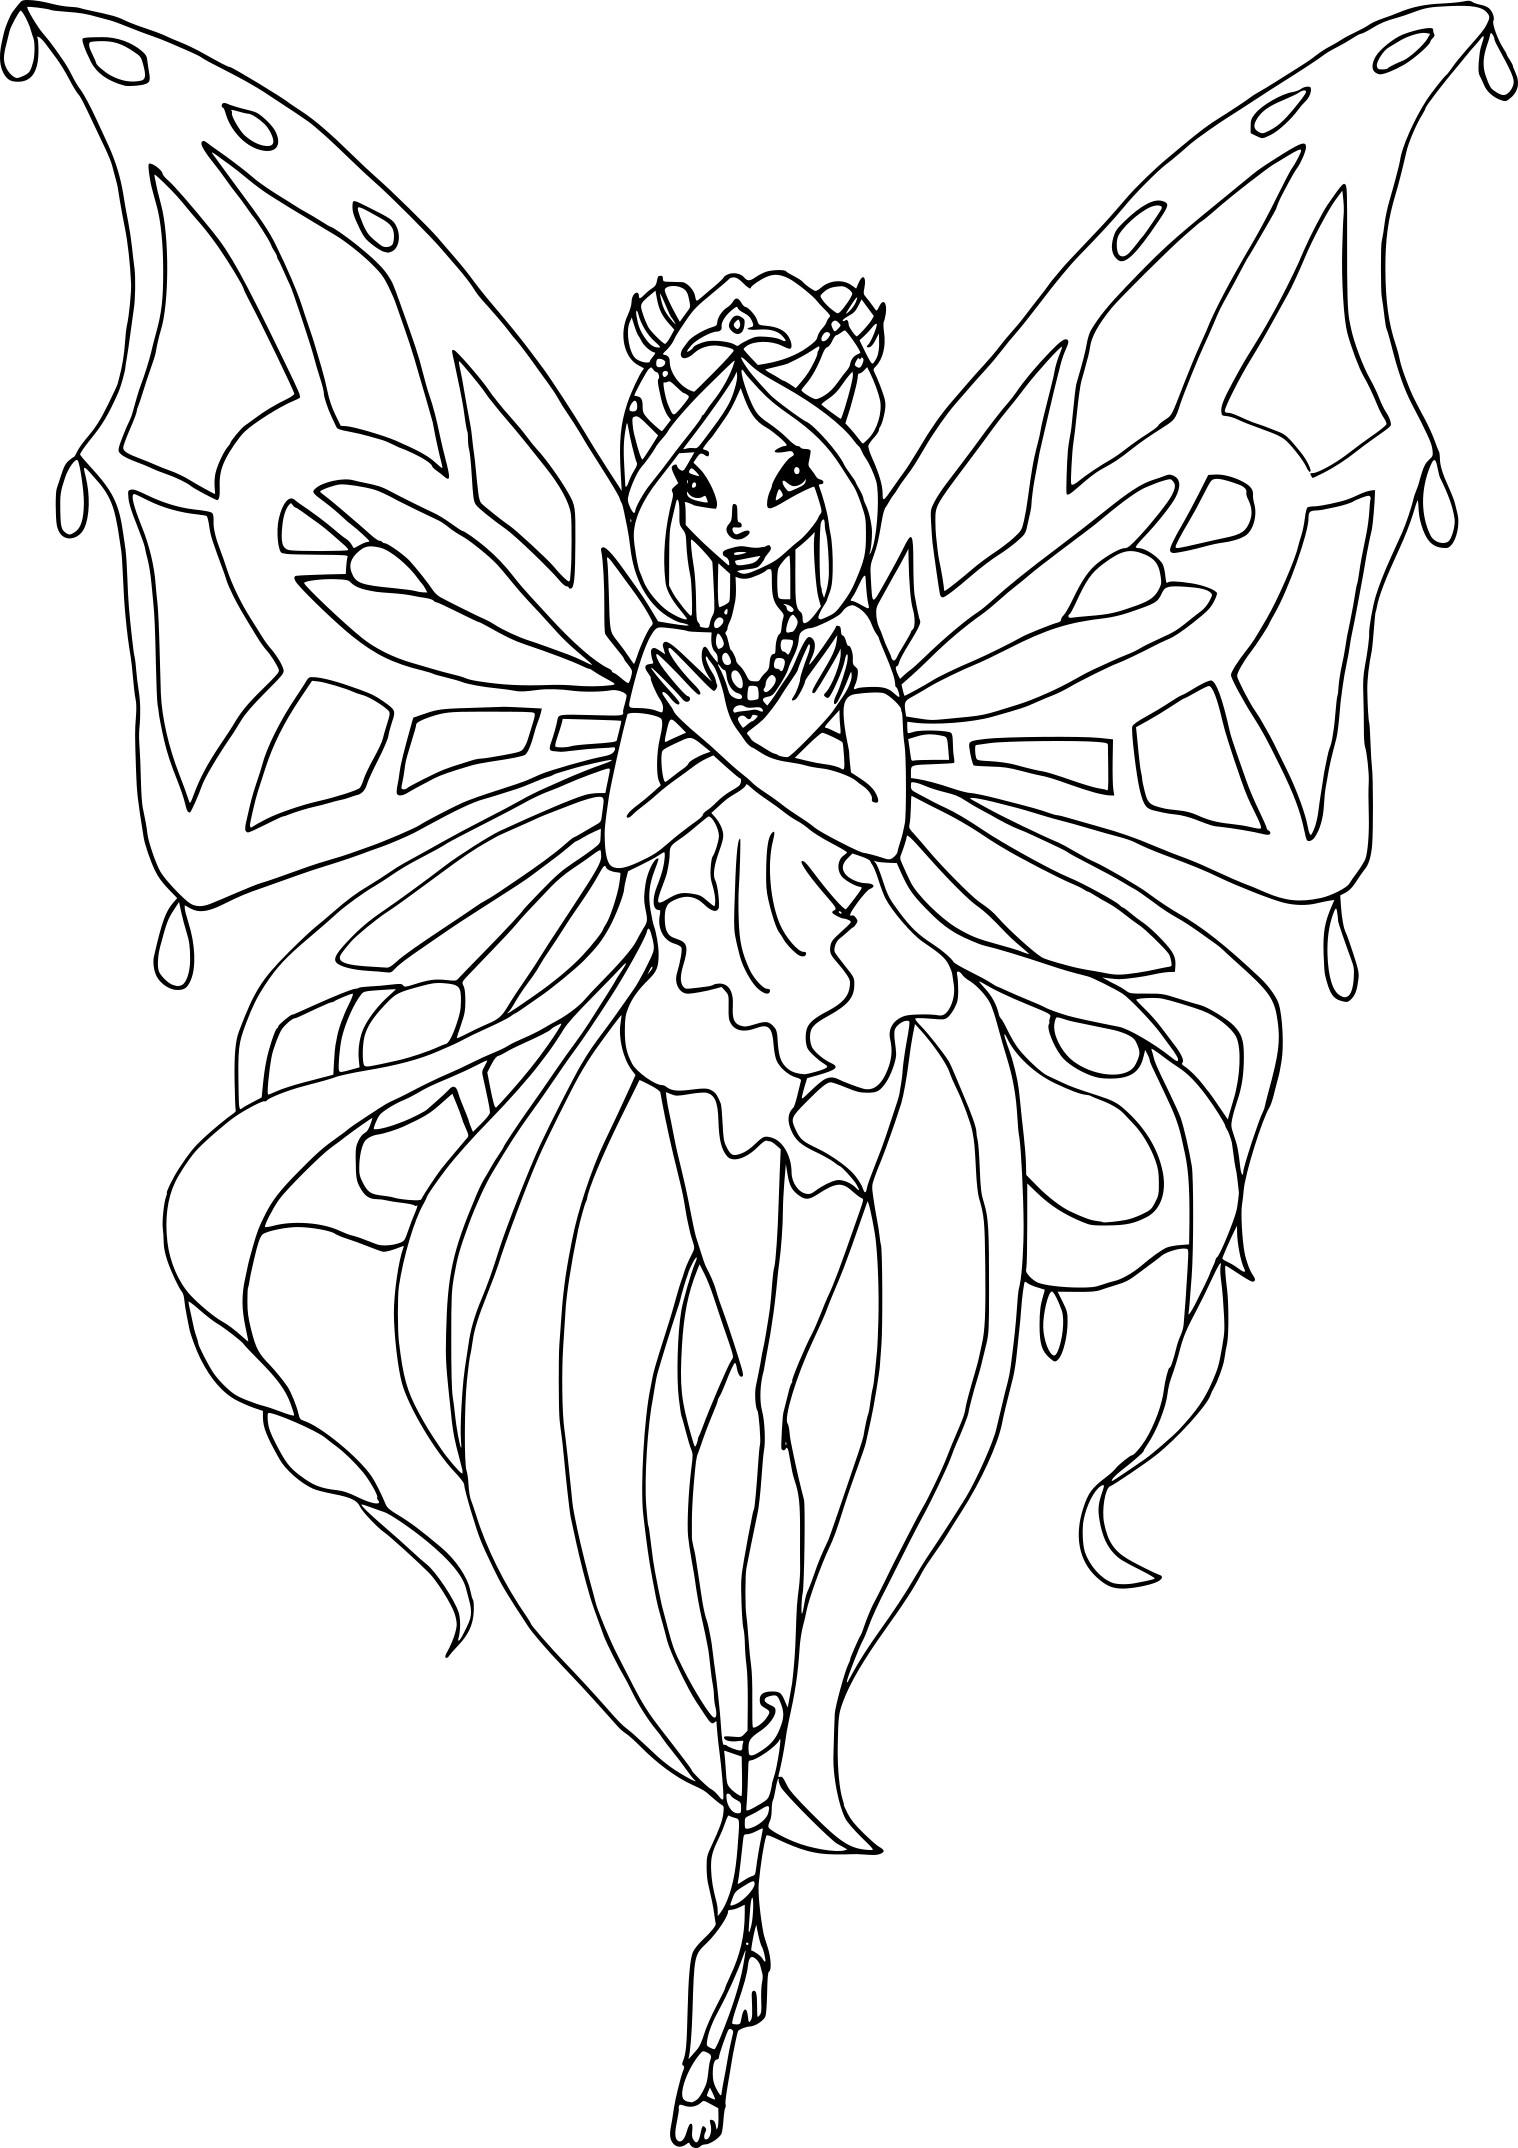 Coloriage flora enchantix imprimer - Winx club dessin ...